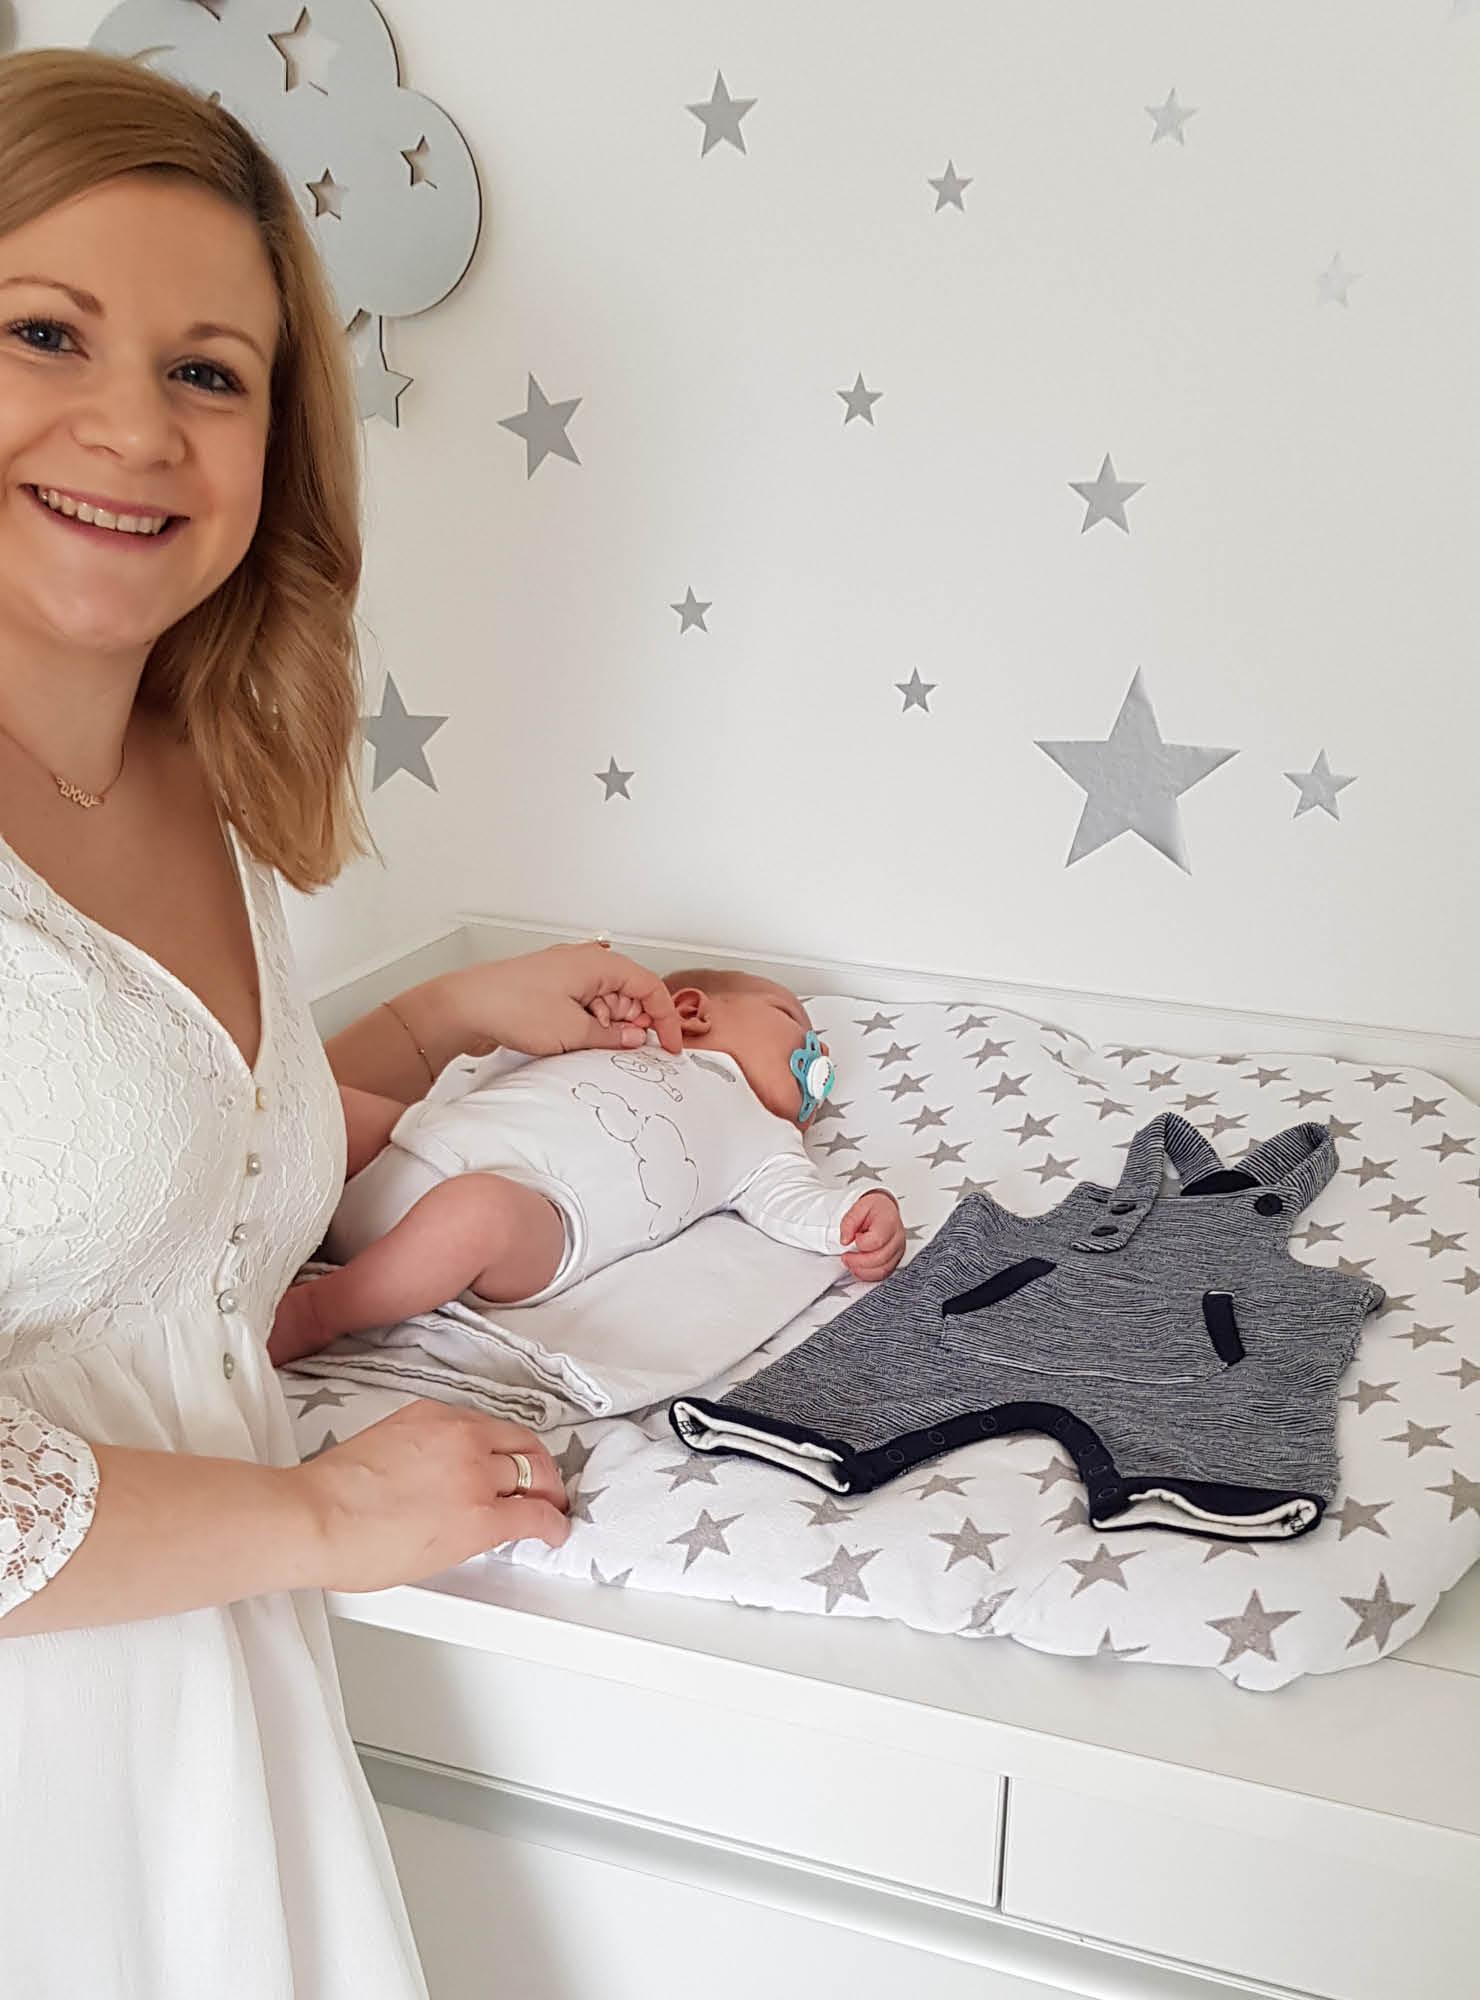 Its A Boy Erste Babykleidung Für Sohn Paul Mamarella Diary